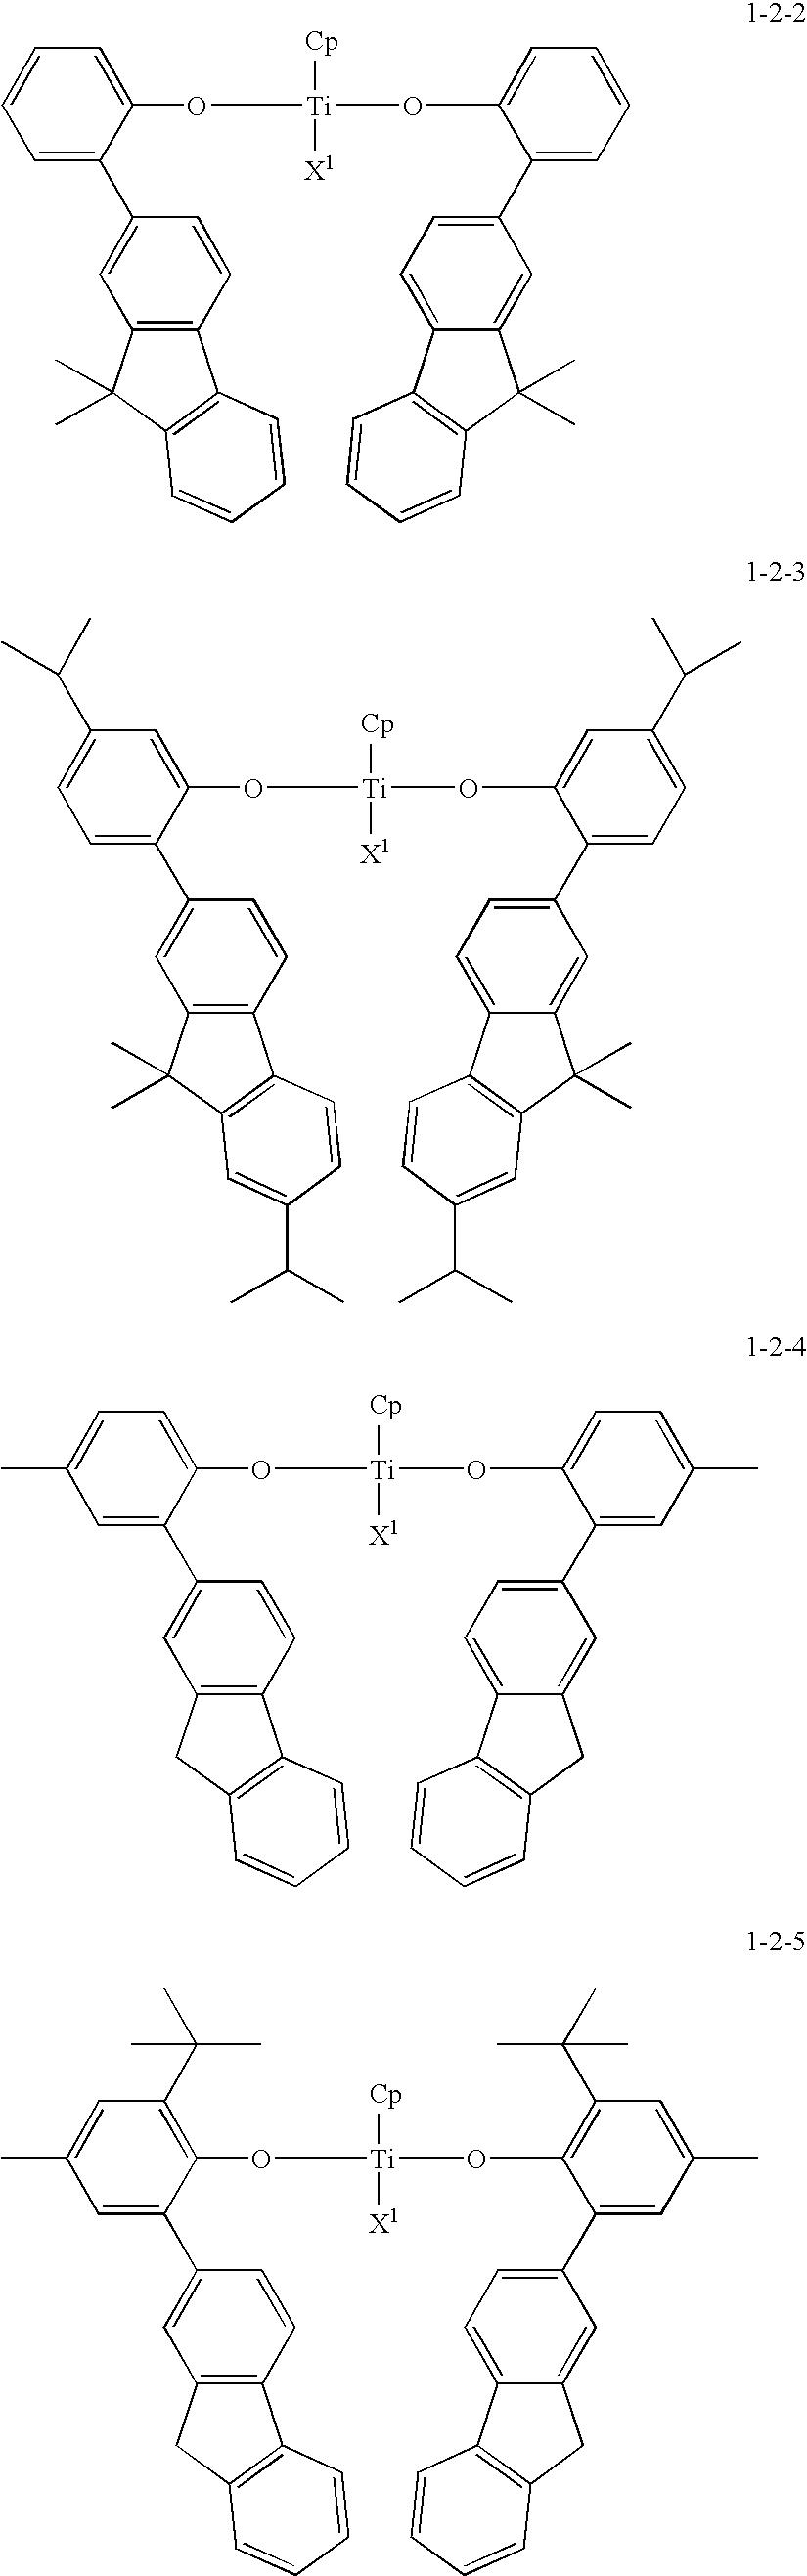 Figure US20100081776A1-20100401-C00056